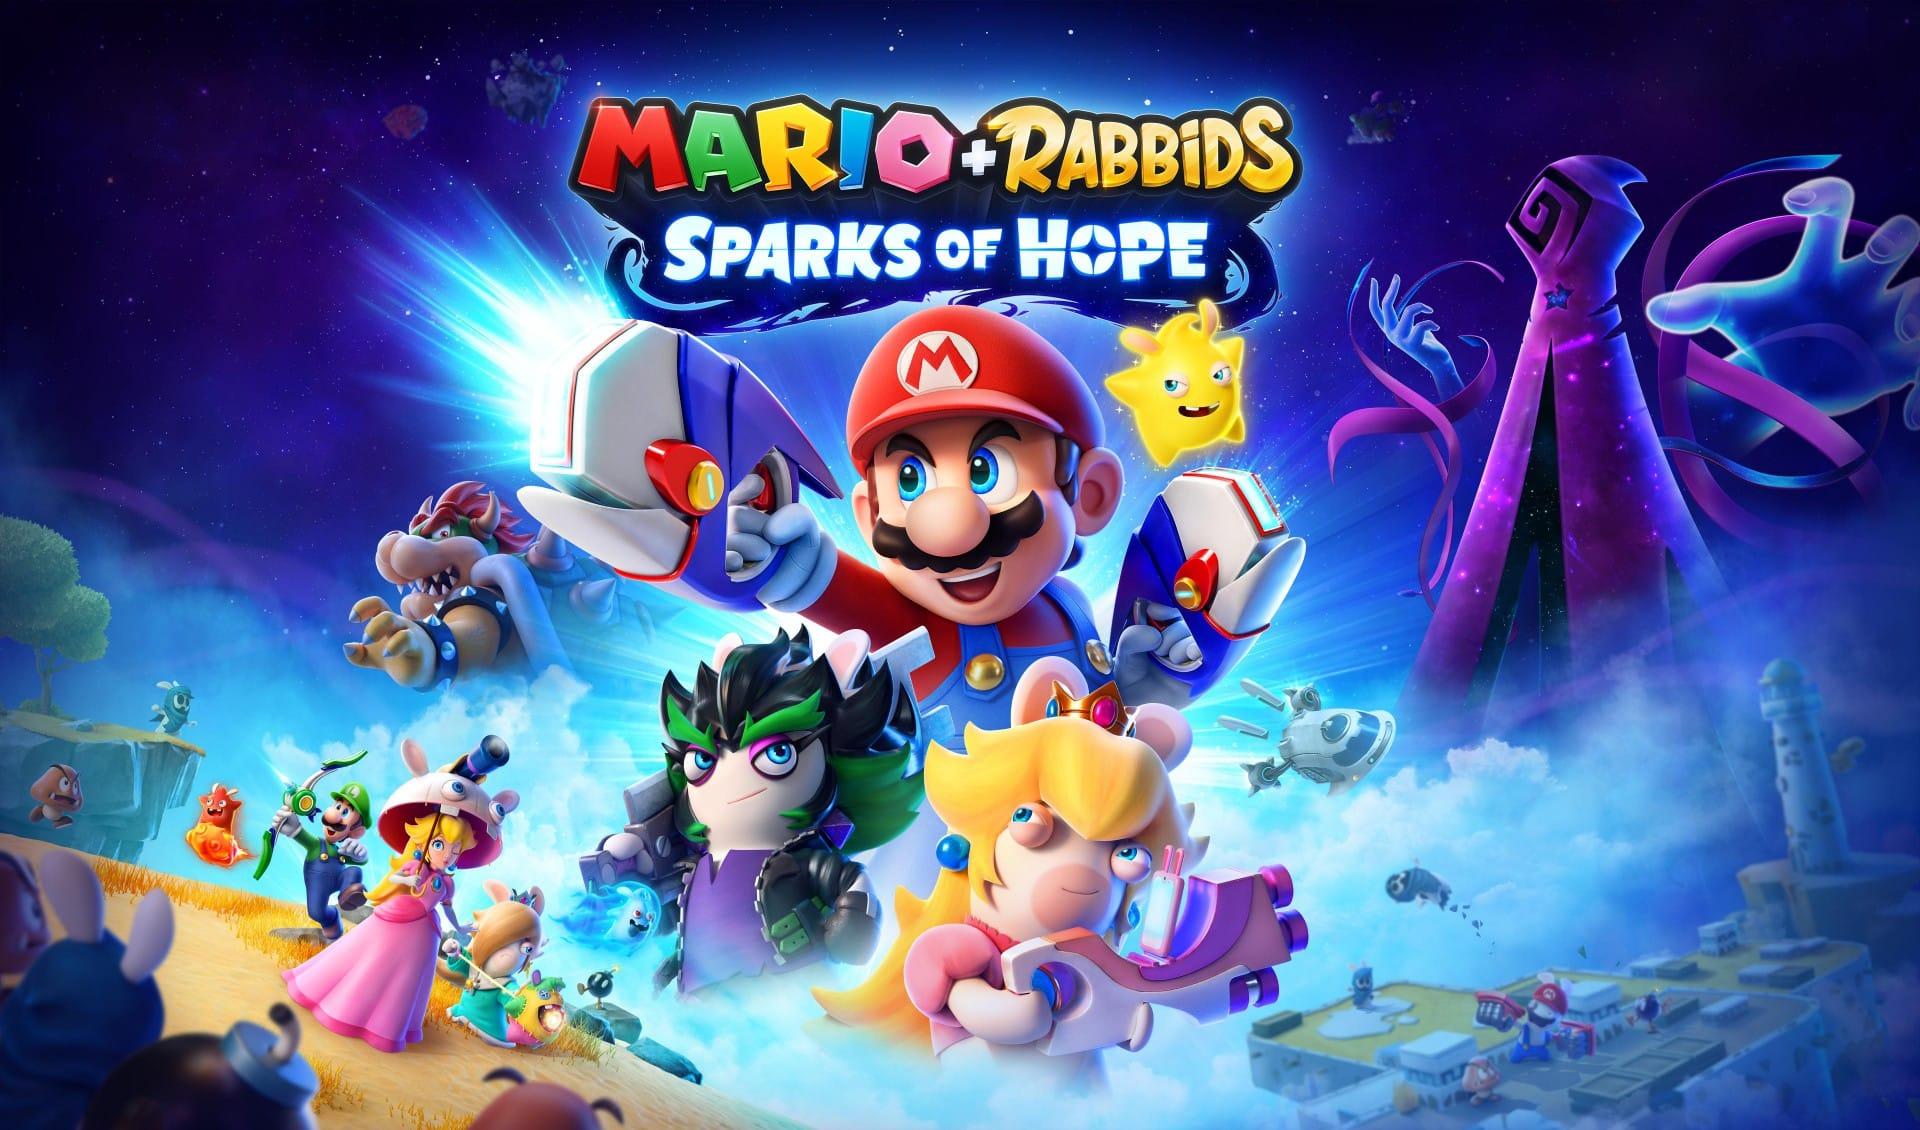 MARIO + RABBIDS® SPARKS OF HOPE ขอเชิญชวนคุณสู่การผจญภัยที่ยิ่งใหญ่ระดับจักรวาล